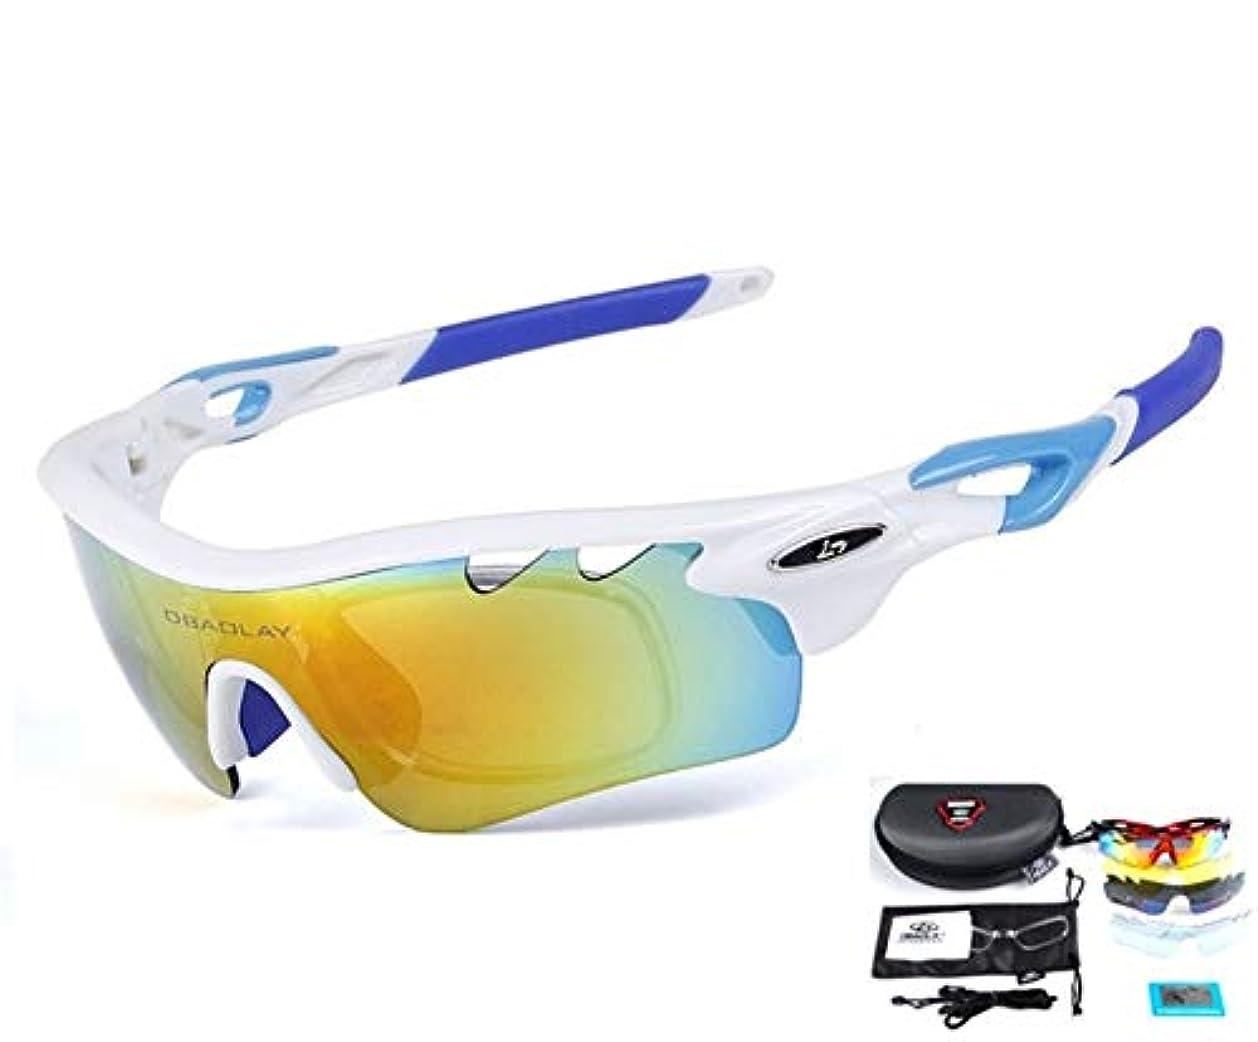 裂け目思いやりのある死ぬBaselay 偏光スポーツサングラス 交換可能なレンズ5個付き UV400 サングラス メンズ レディース ユース サイクリング ランニング ドライビング 釣り ゴルフ 野球 TAC ゴーグル